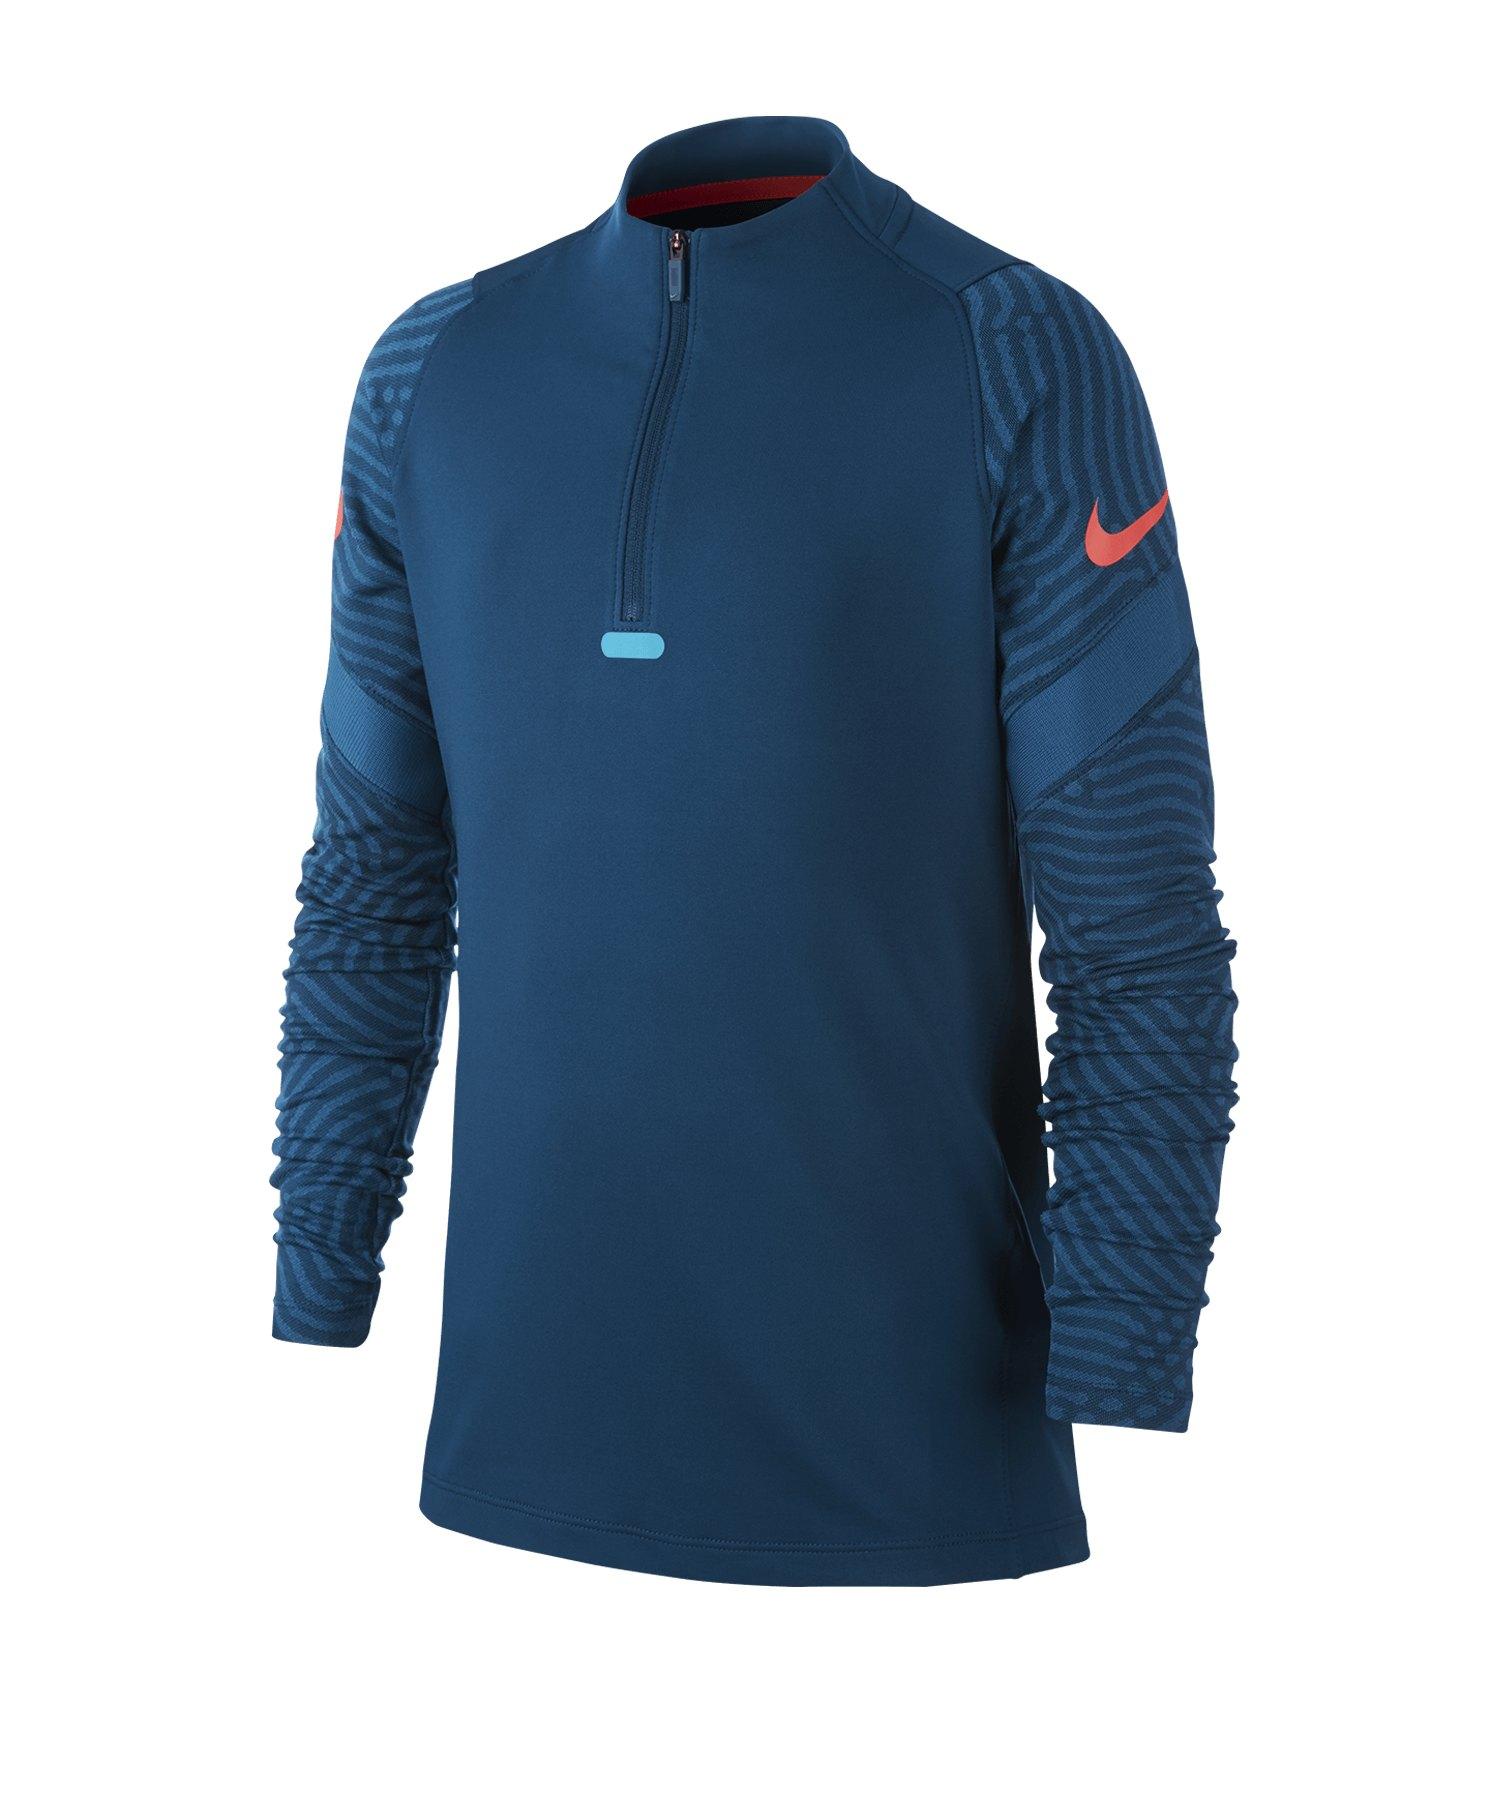 Nike Dri-FIT Strike Drill Top langarm Kids F432 - blau